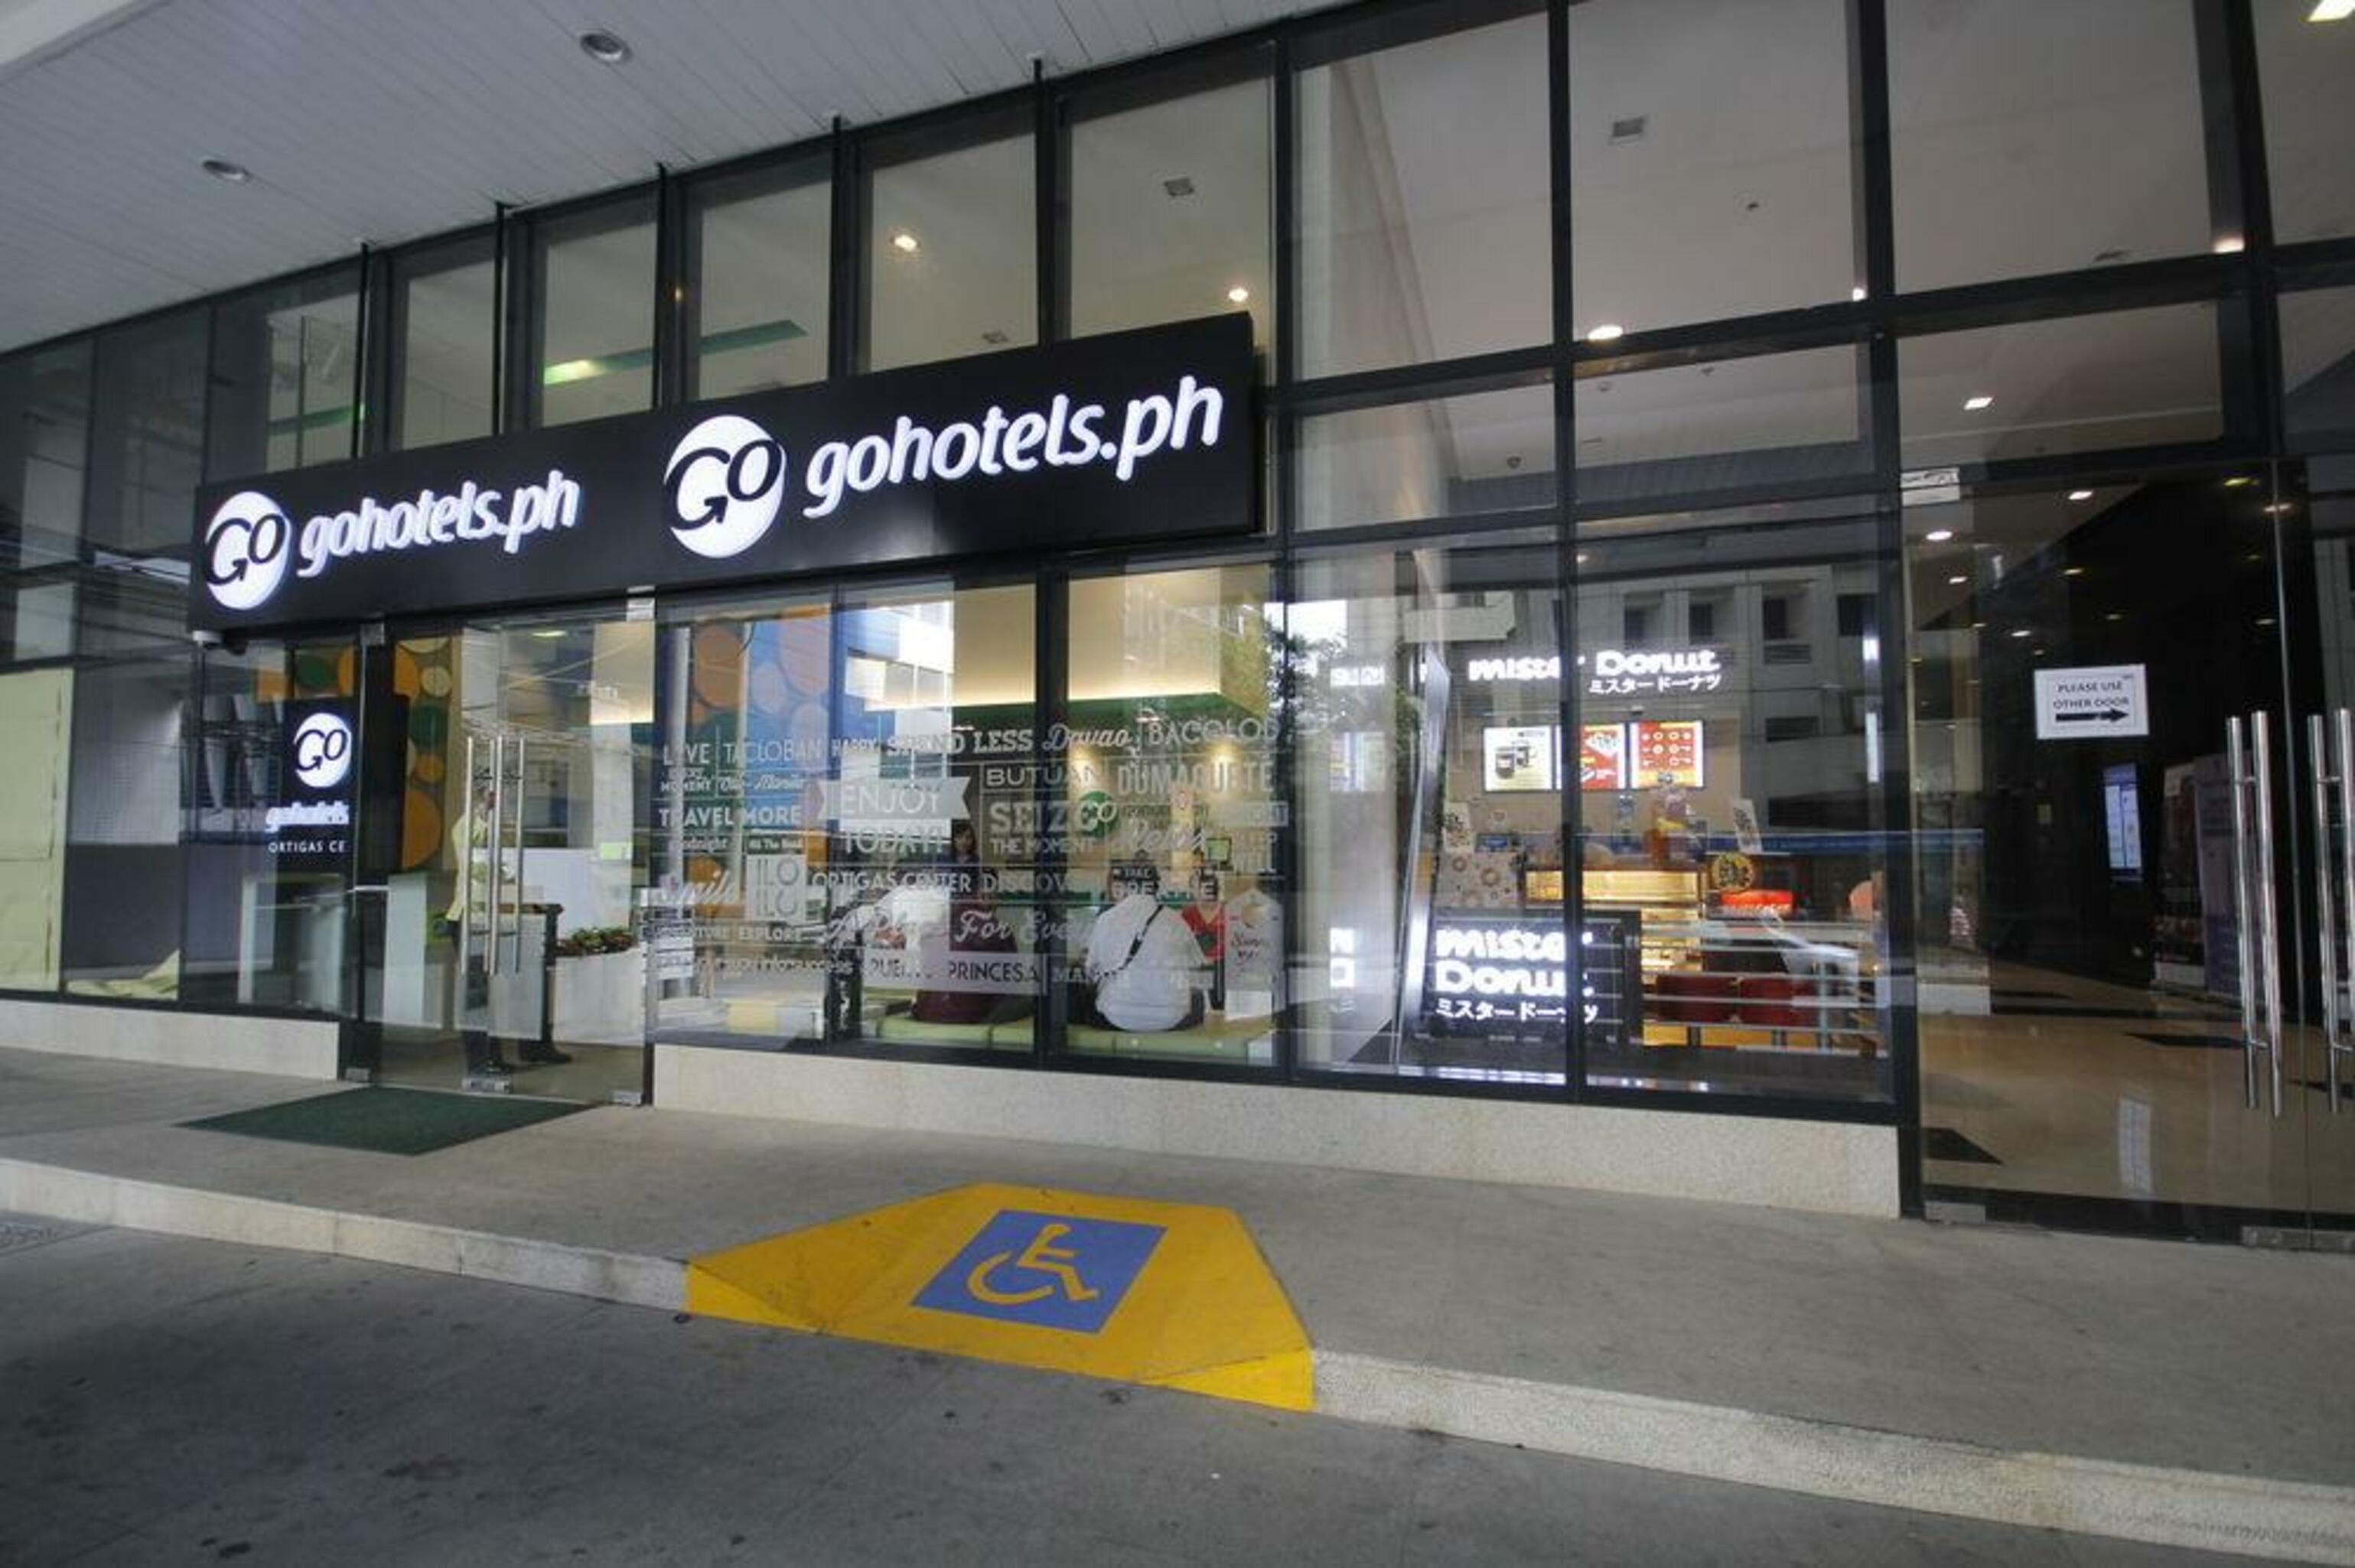 Go Hotels Ortigas Center, Pasig City